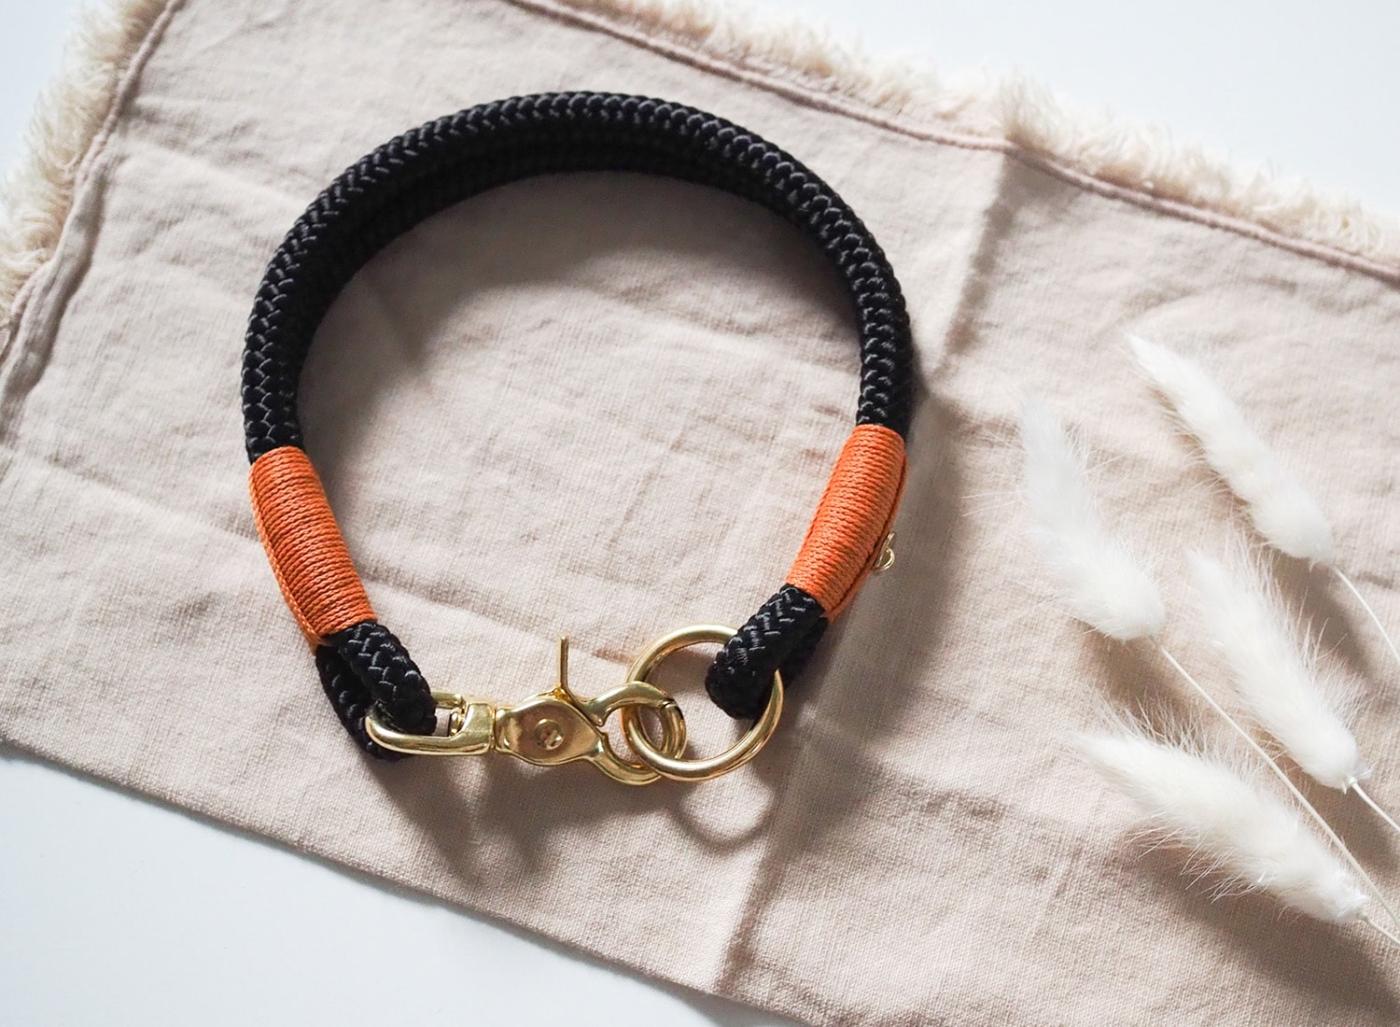 Halsband aus Tauseil in schwarz mit Details in camel und goldenen Karabinern.